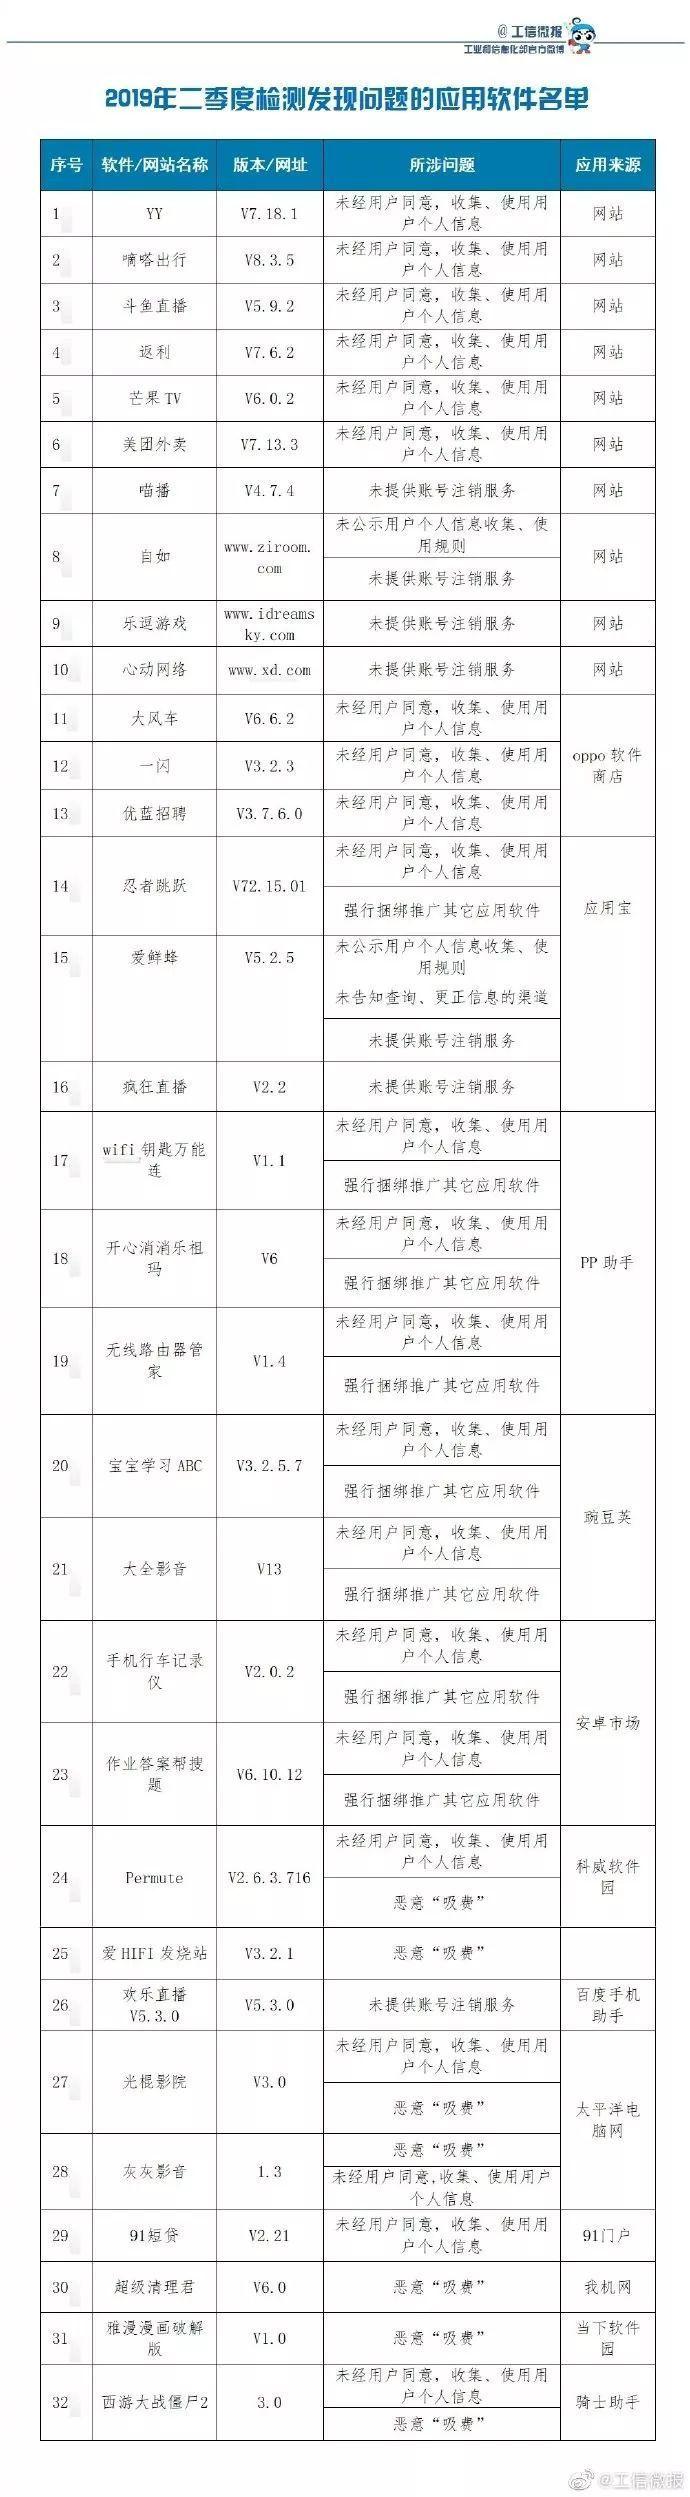 YY、嘀嗒出行、芒果TV等32款软件上了工信部黑名单